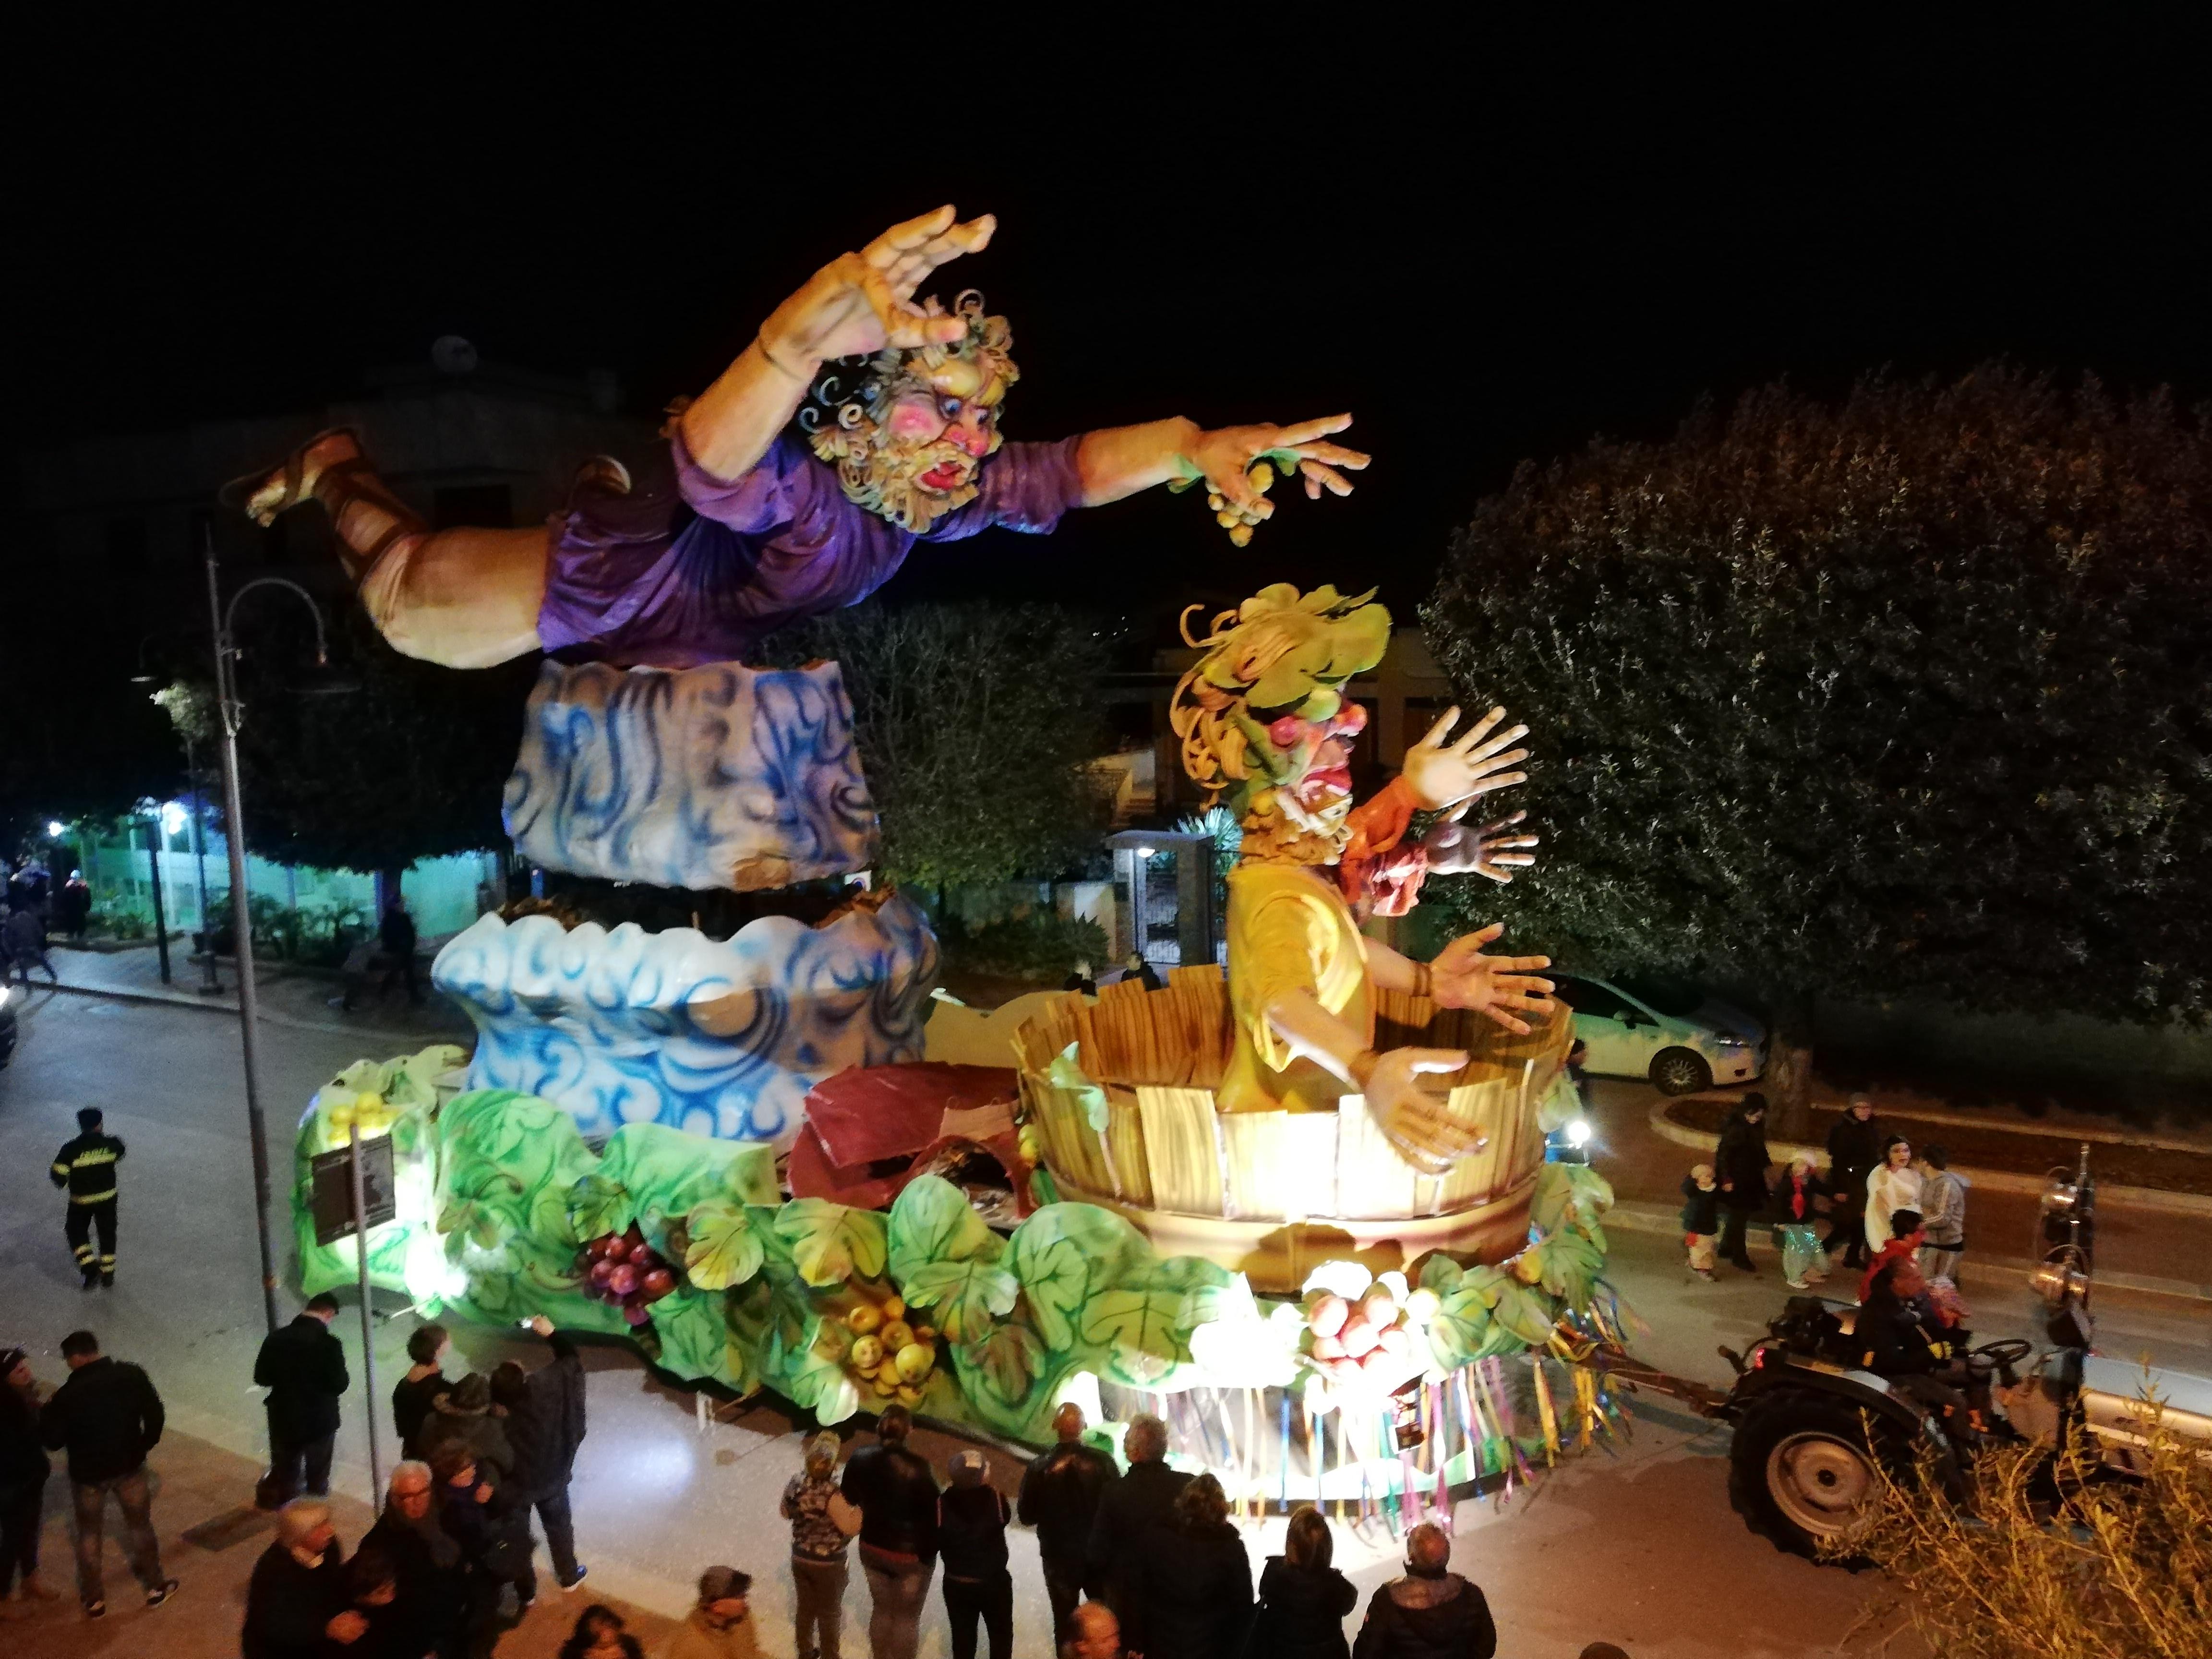 Carnevale Petrosino: saranno quattro i carri che sfileranno. Ecco quali sono